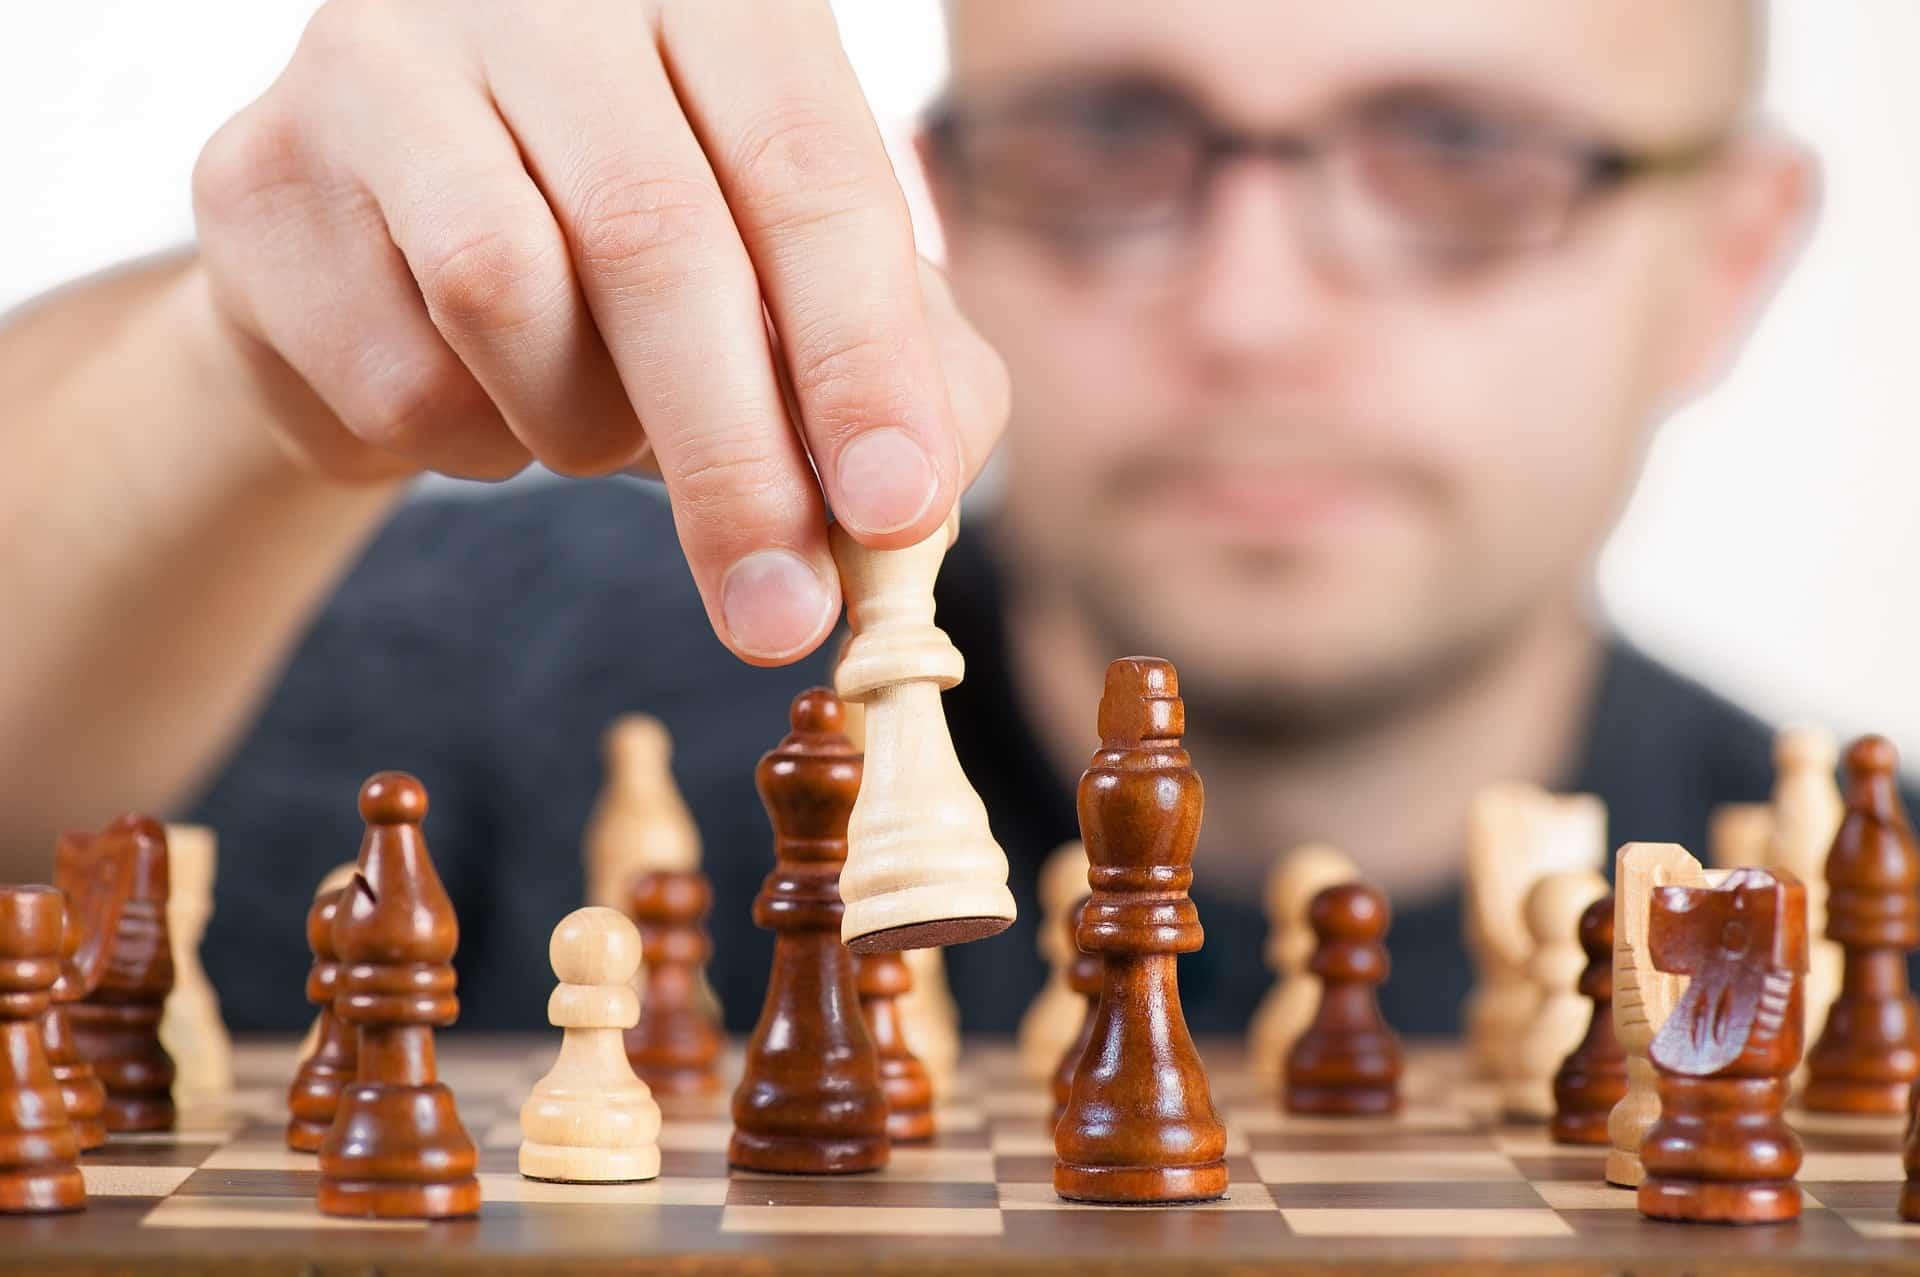 Qu'est-ce qu'une stratégie ? Les 3 phases d'une stratégie réussie